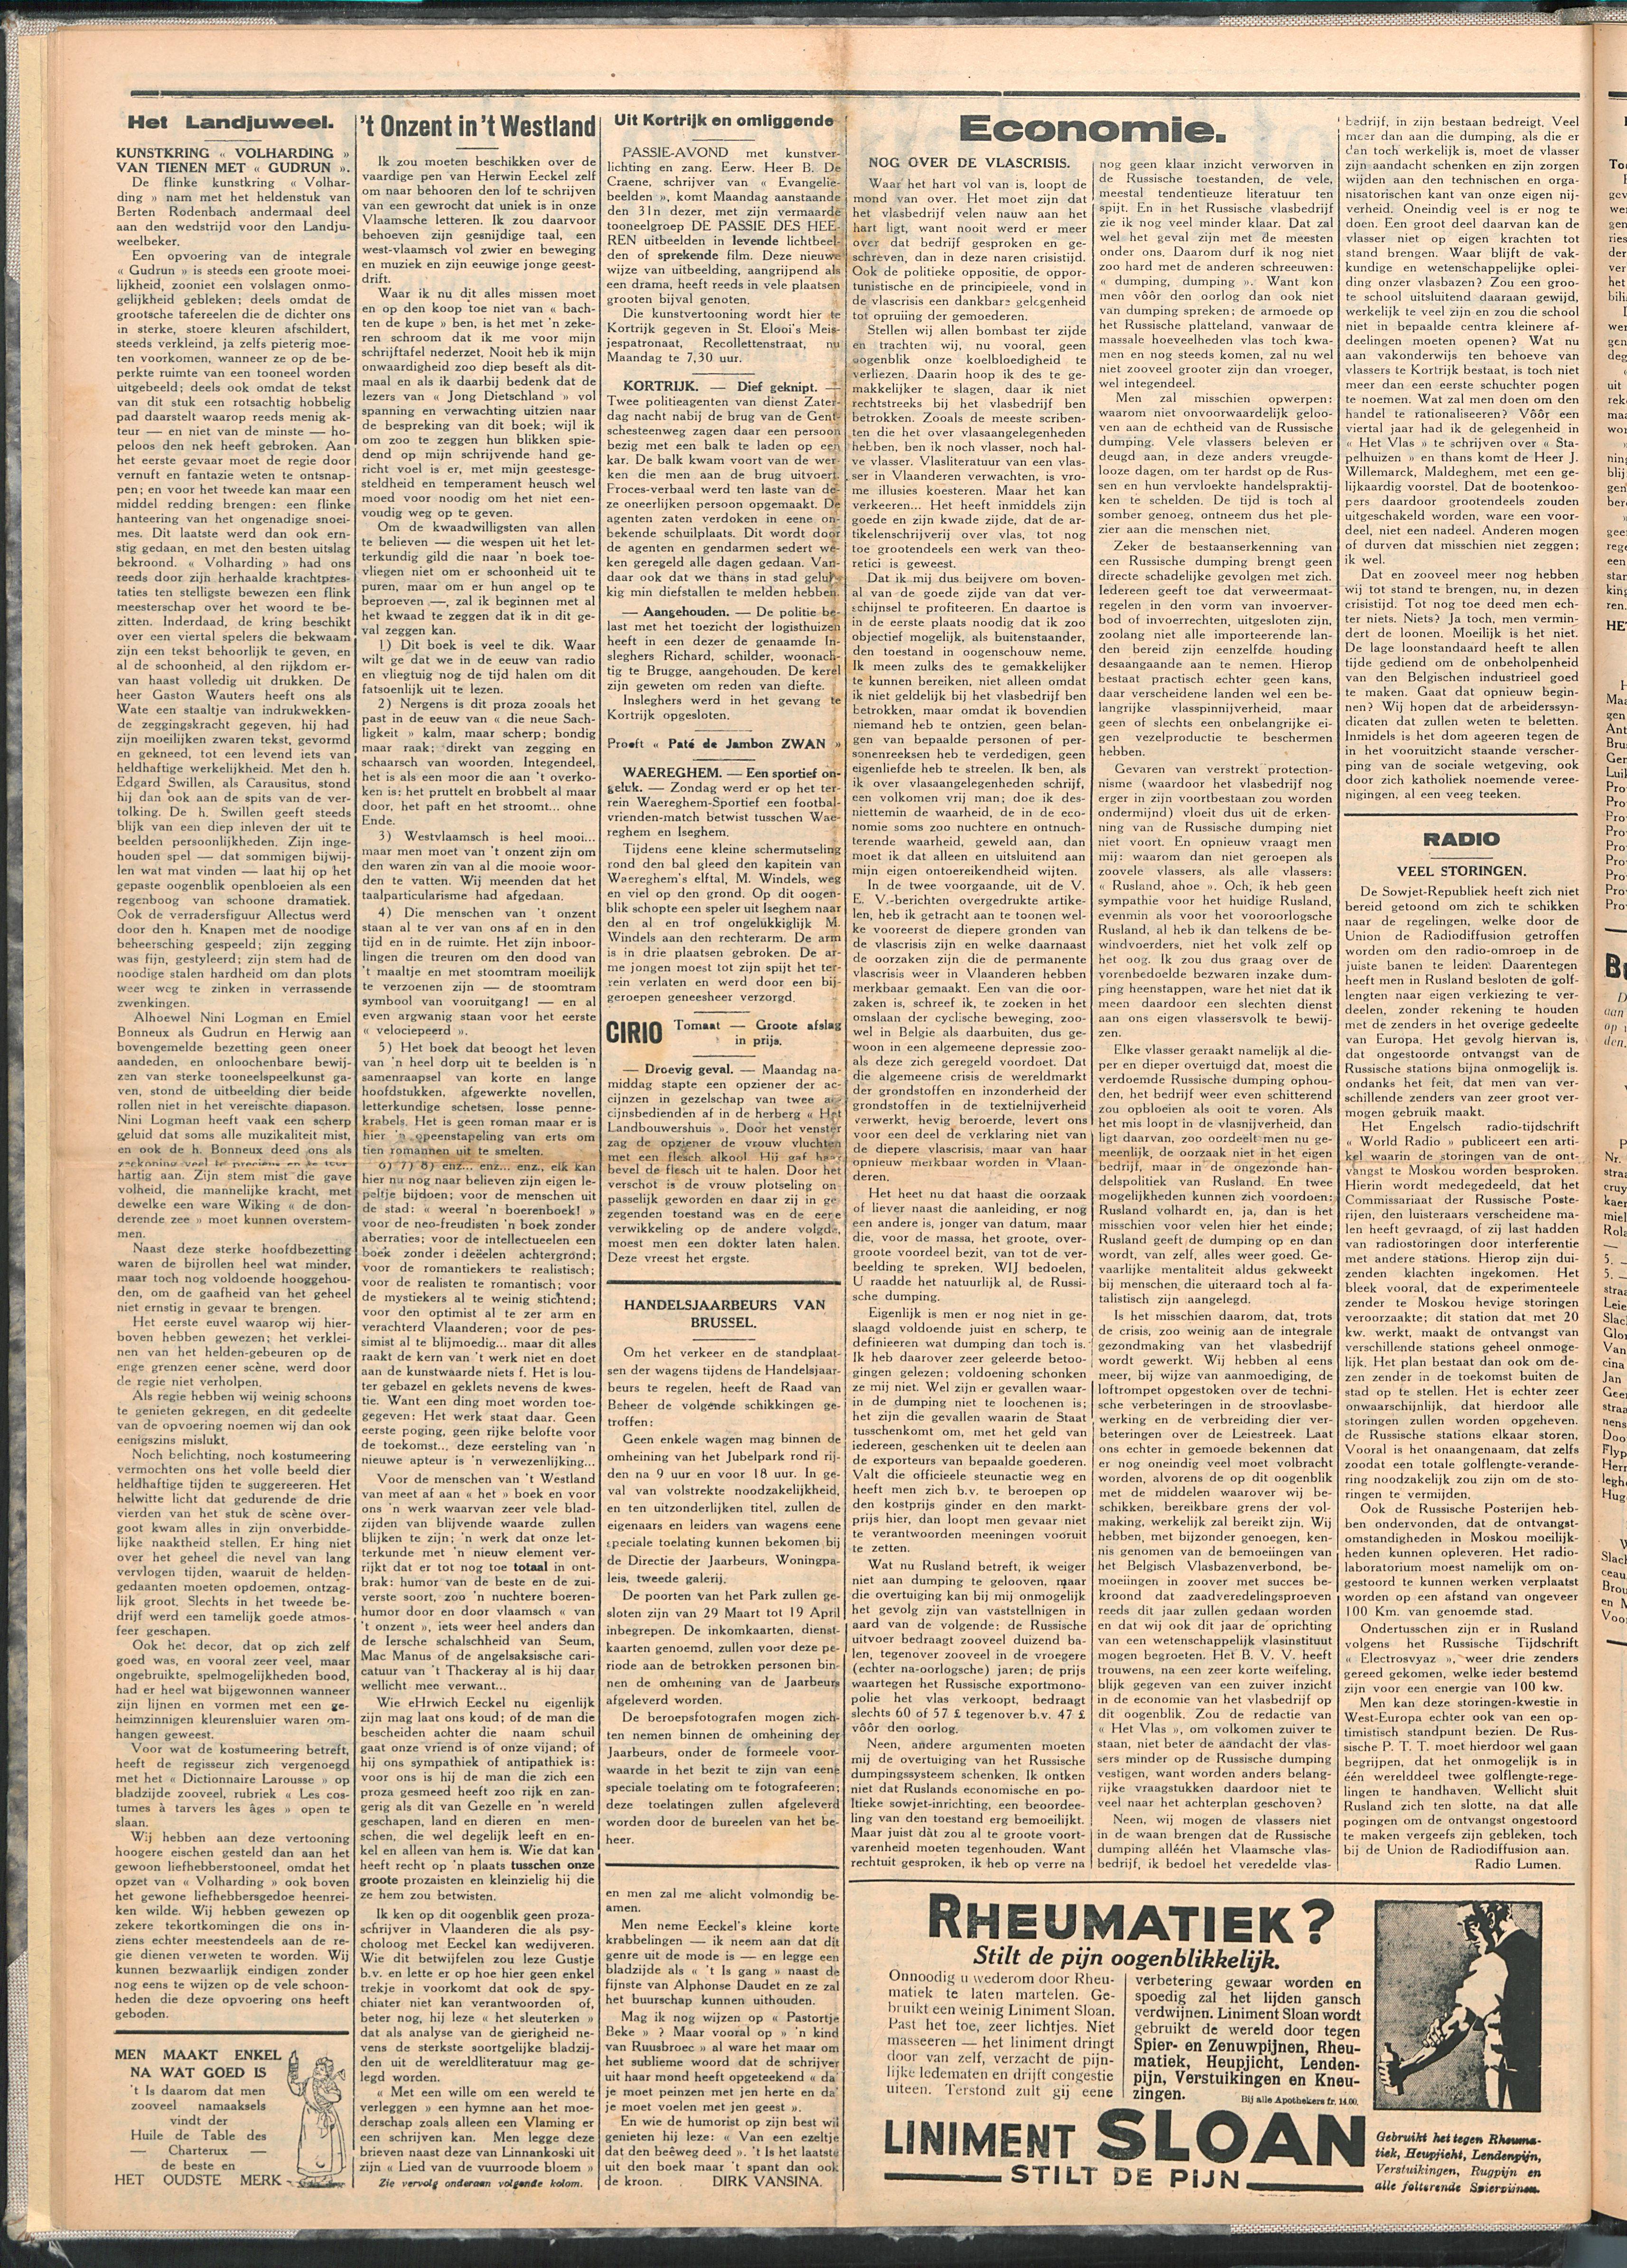 Het Kortrijksche Volk 1930-03-30 p2